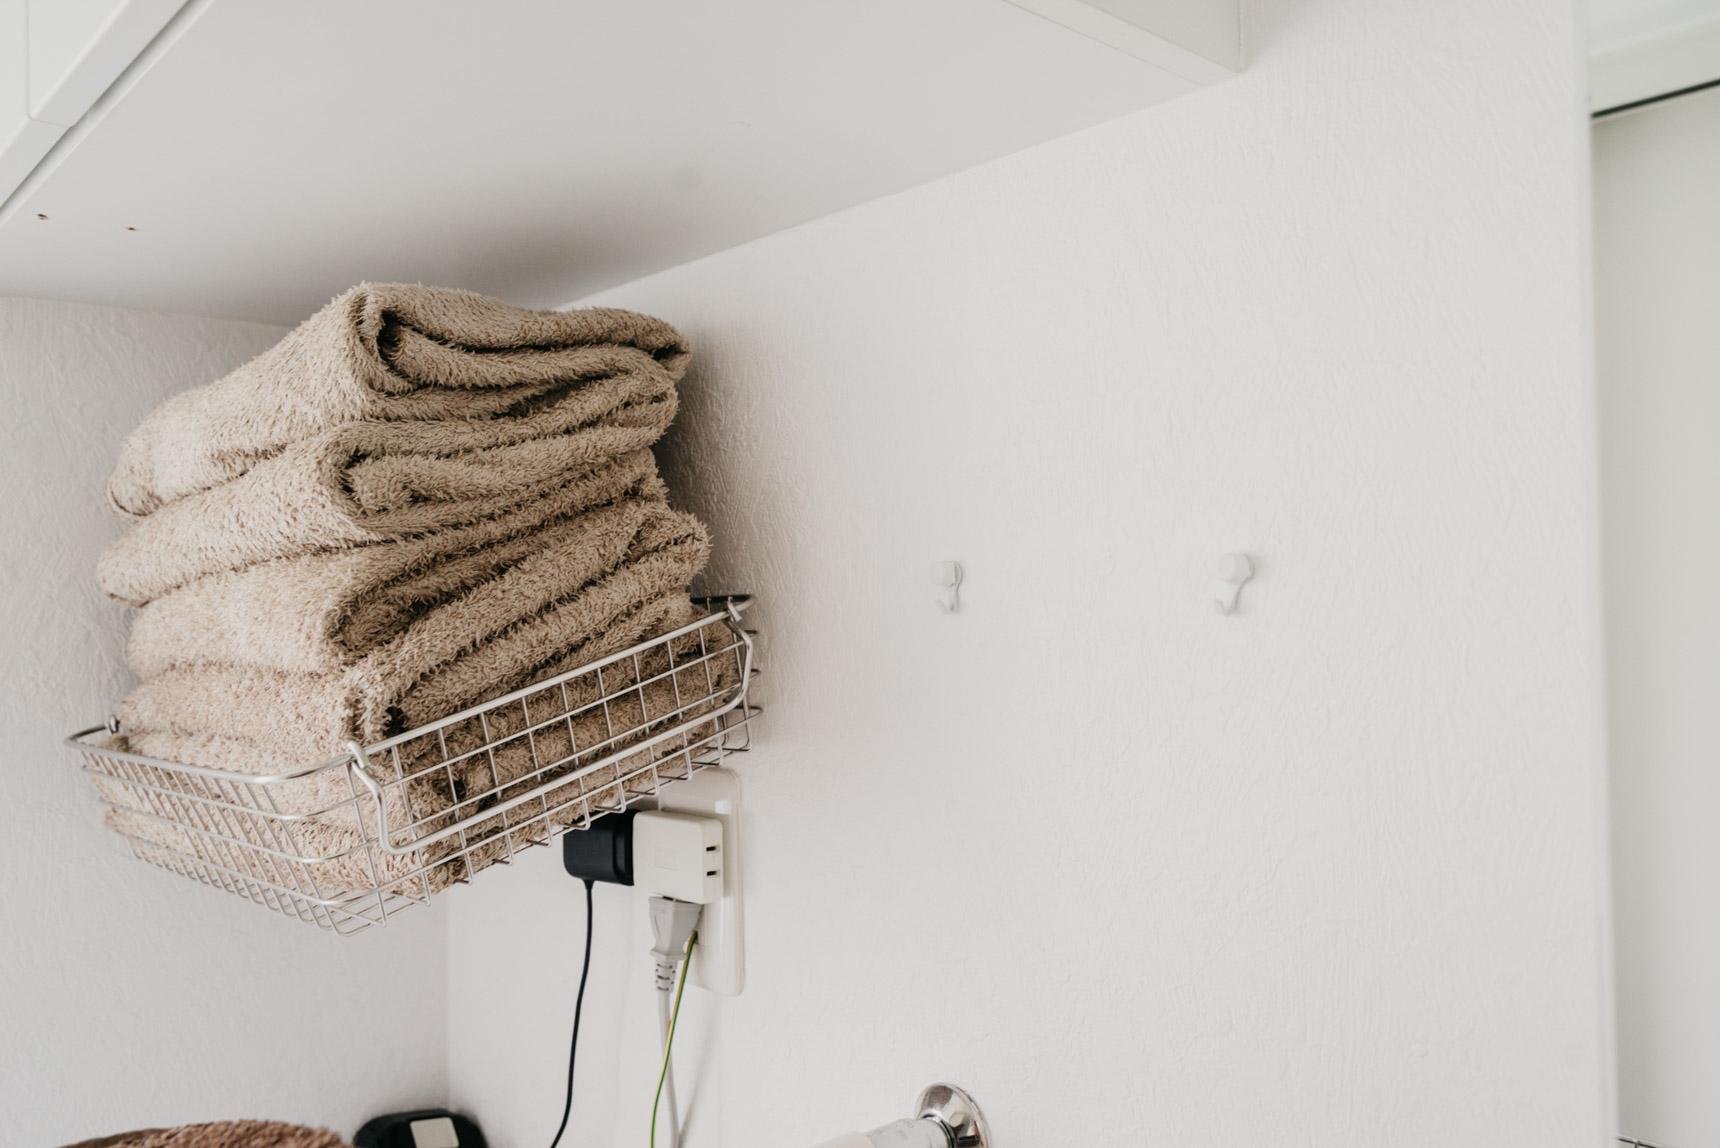 洗濯機の上のちょっとしたスペースには、賃貸OKのフックに無印良品のステンレスワイヤーバスケットを引っ掛けタオル置きに。取り出したい時にさっと使えるアイディアは真似できそうです。(このお部屋をもっと見る)